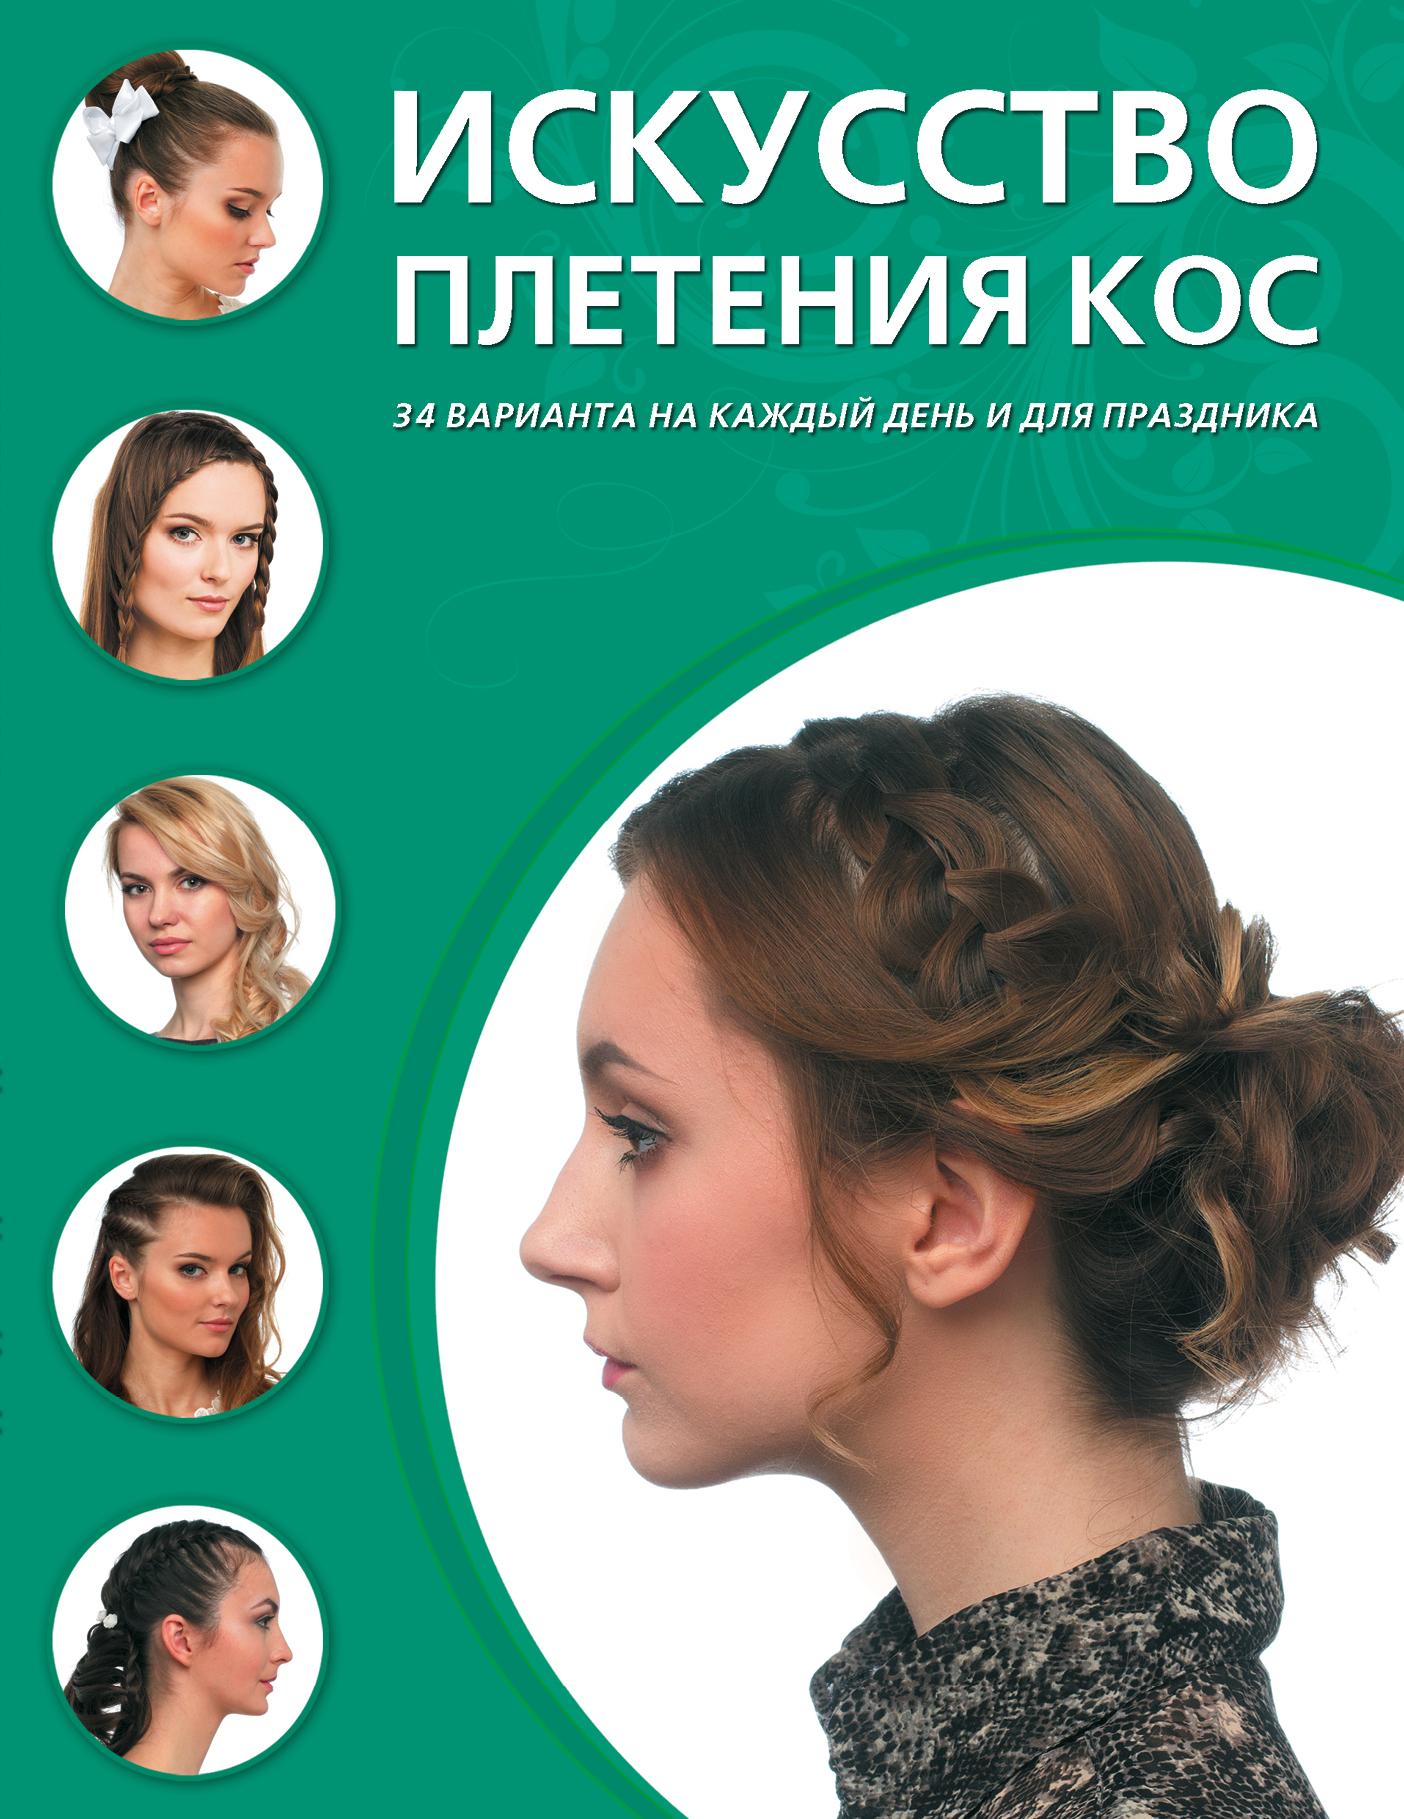 Искусство плетения кос ISBN: 978-5-699-80613-3 бейли д джонс дж искусство плетения кос page 5